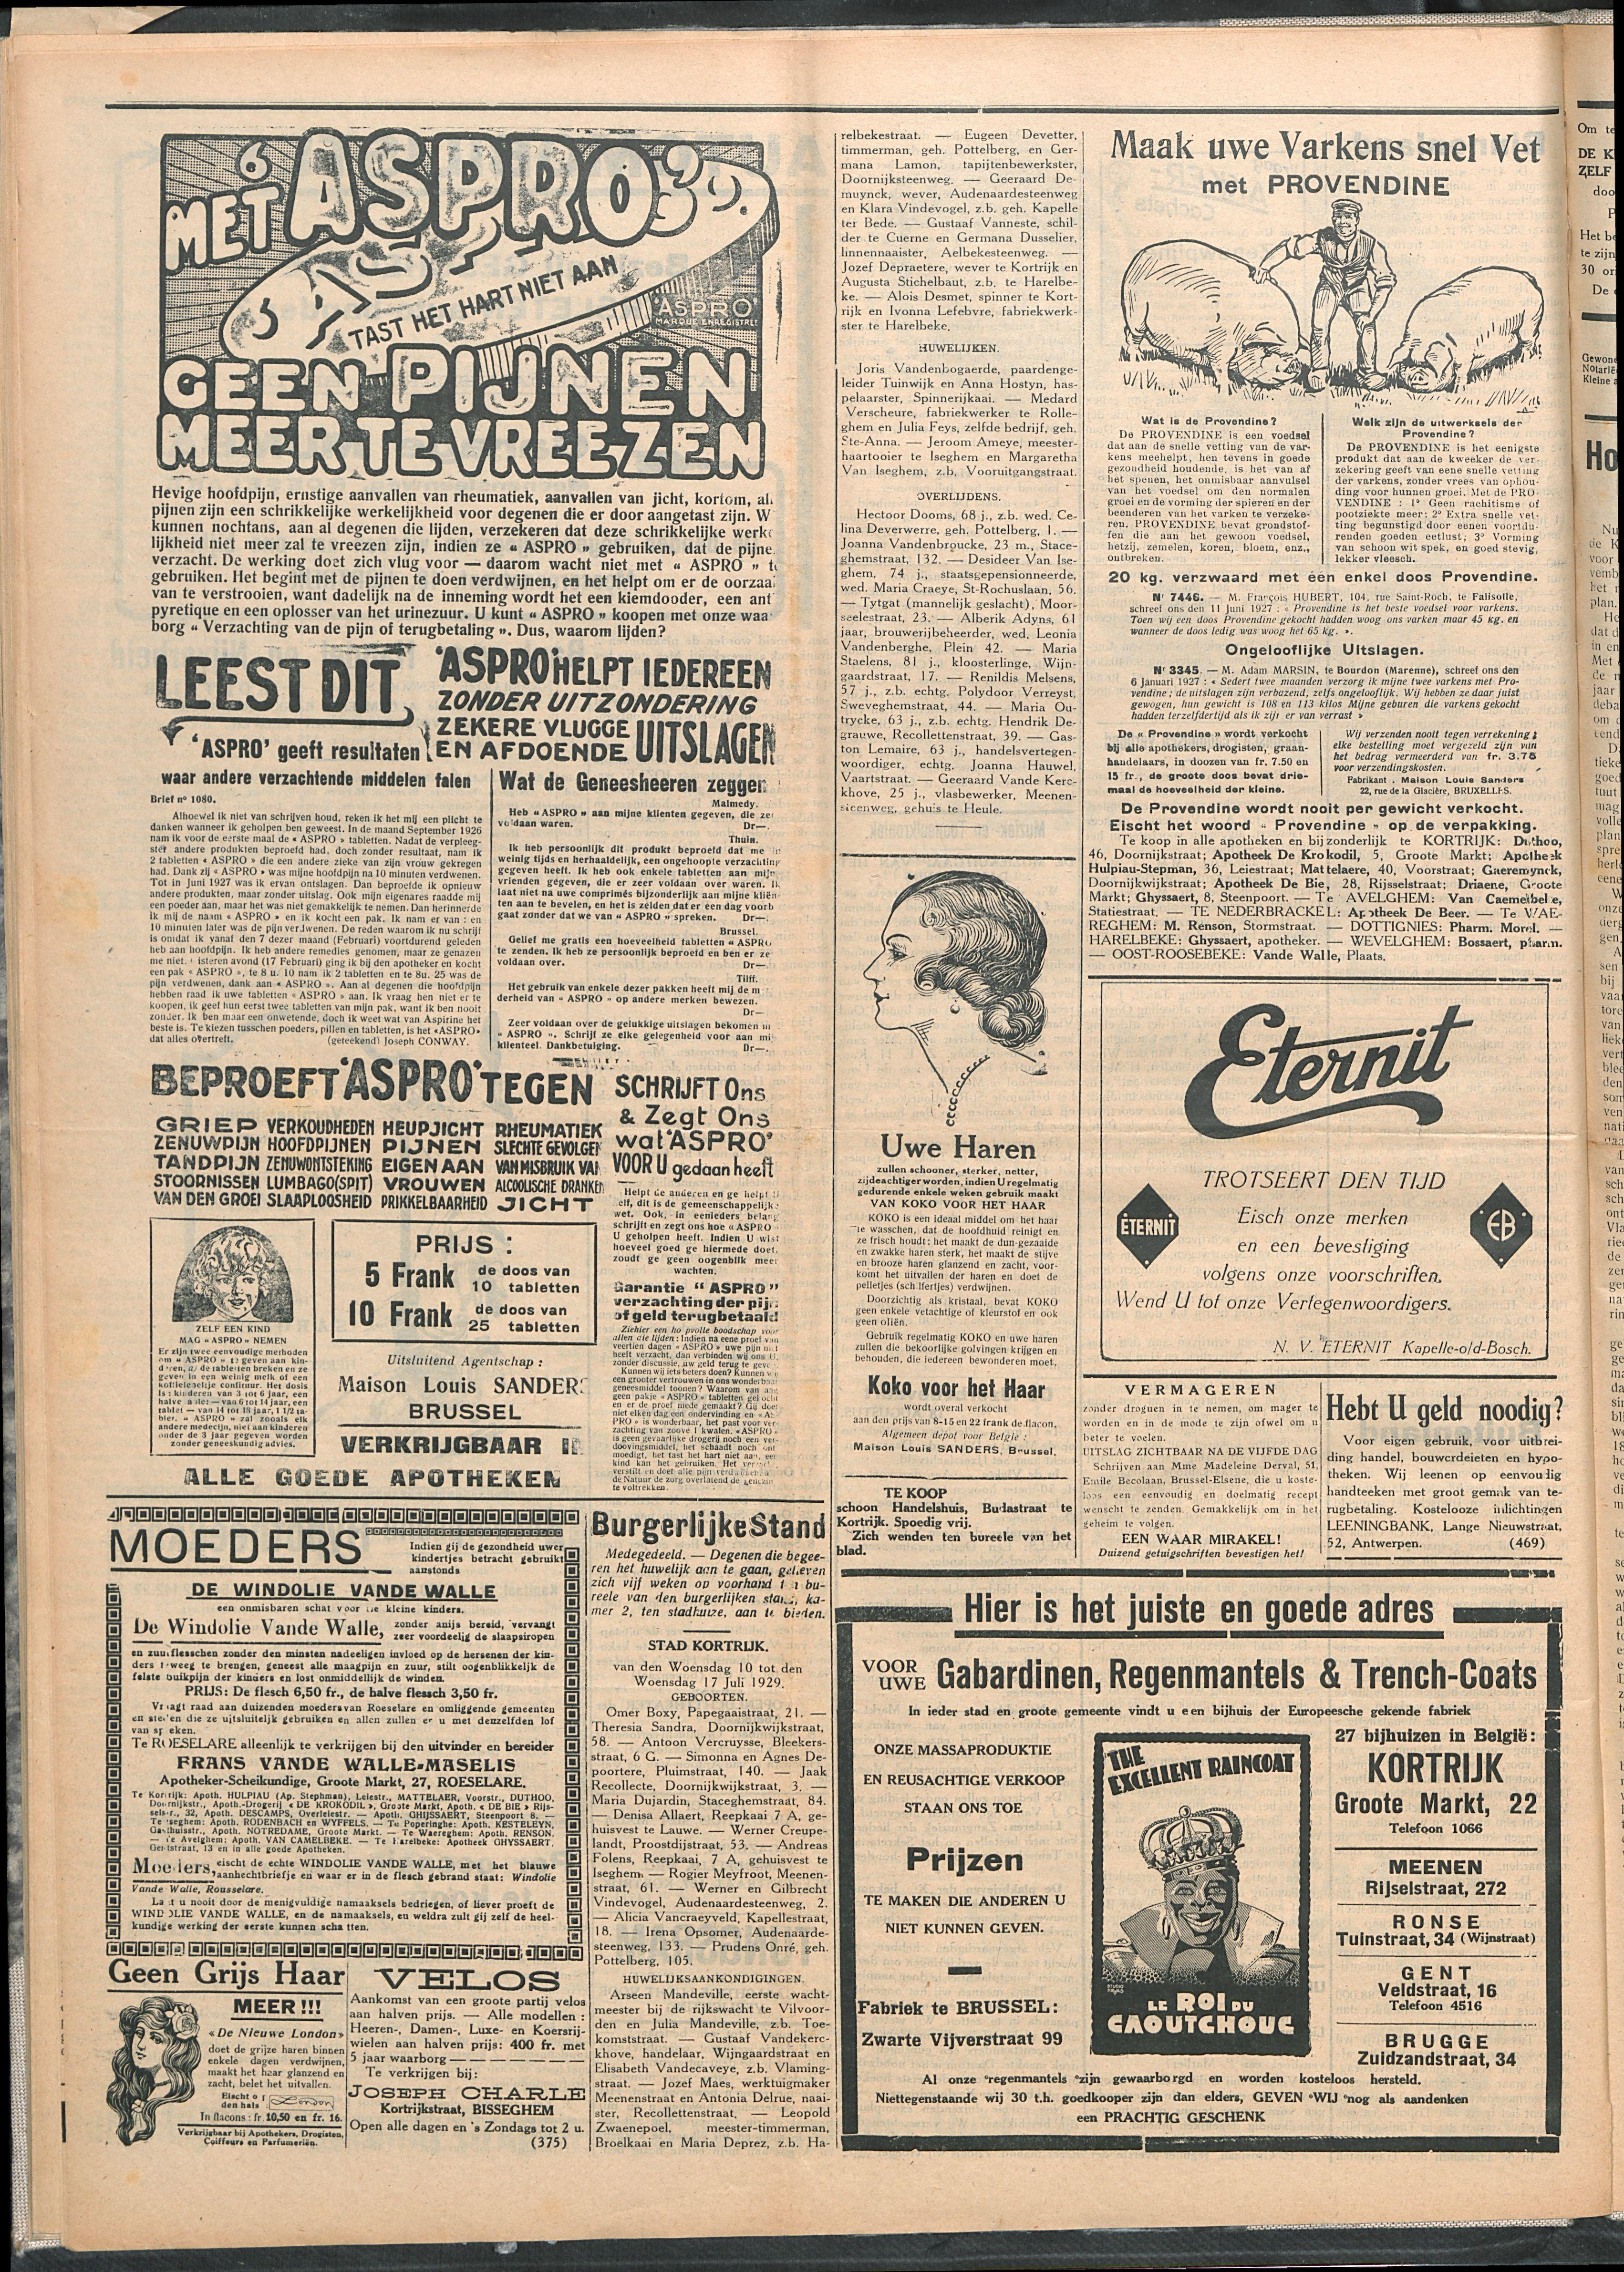 Het Kortrijksche Volk 1929-07-21 p4